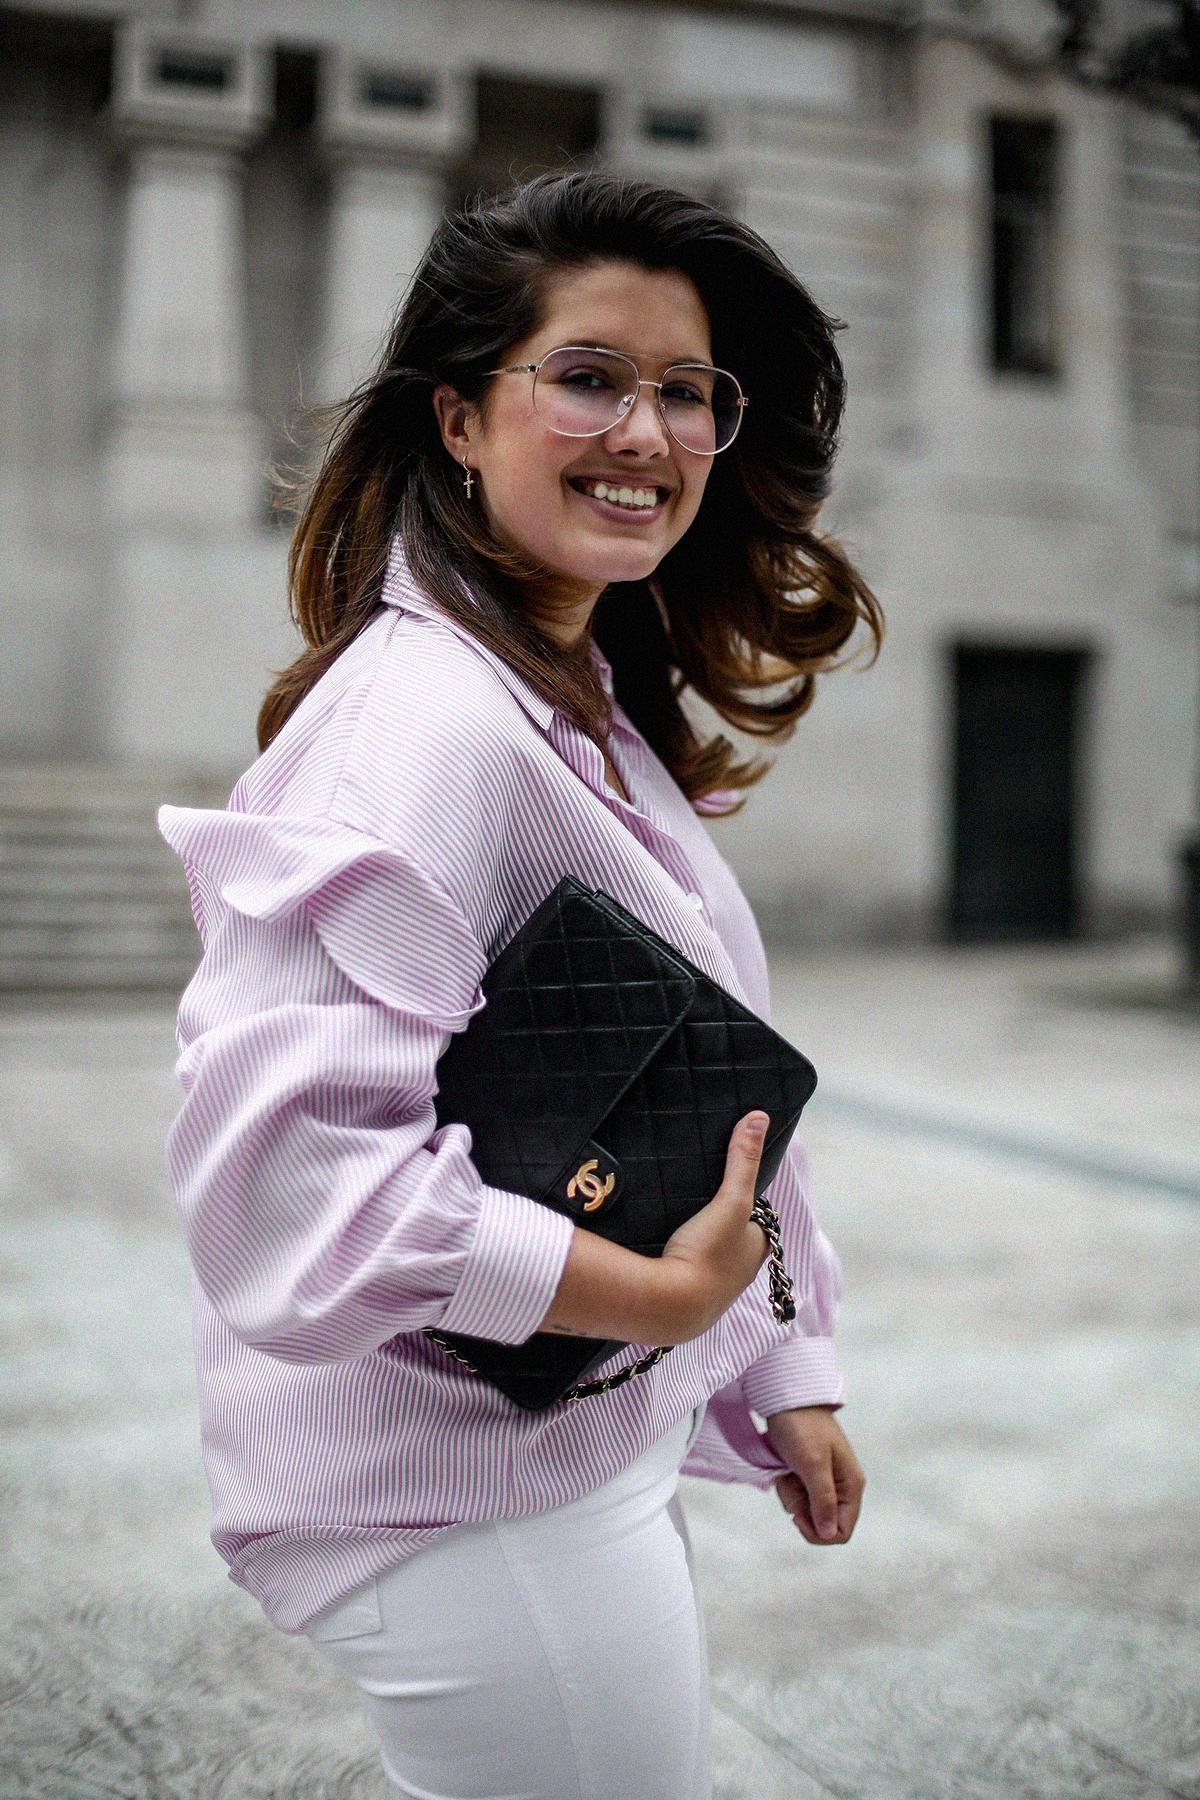 camisa rayas rosa dias como estos bailarinas lazo negras hm myblueberrynightsblog6